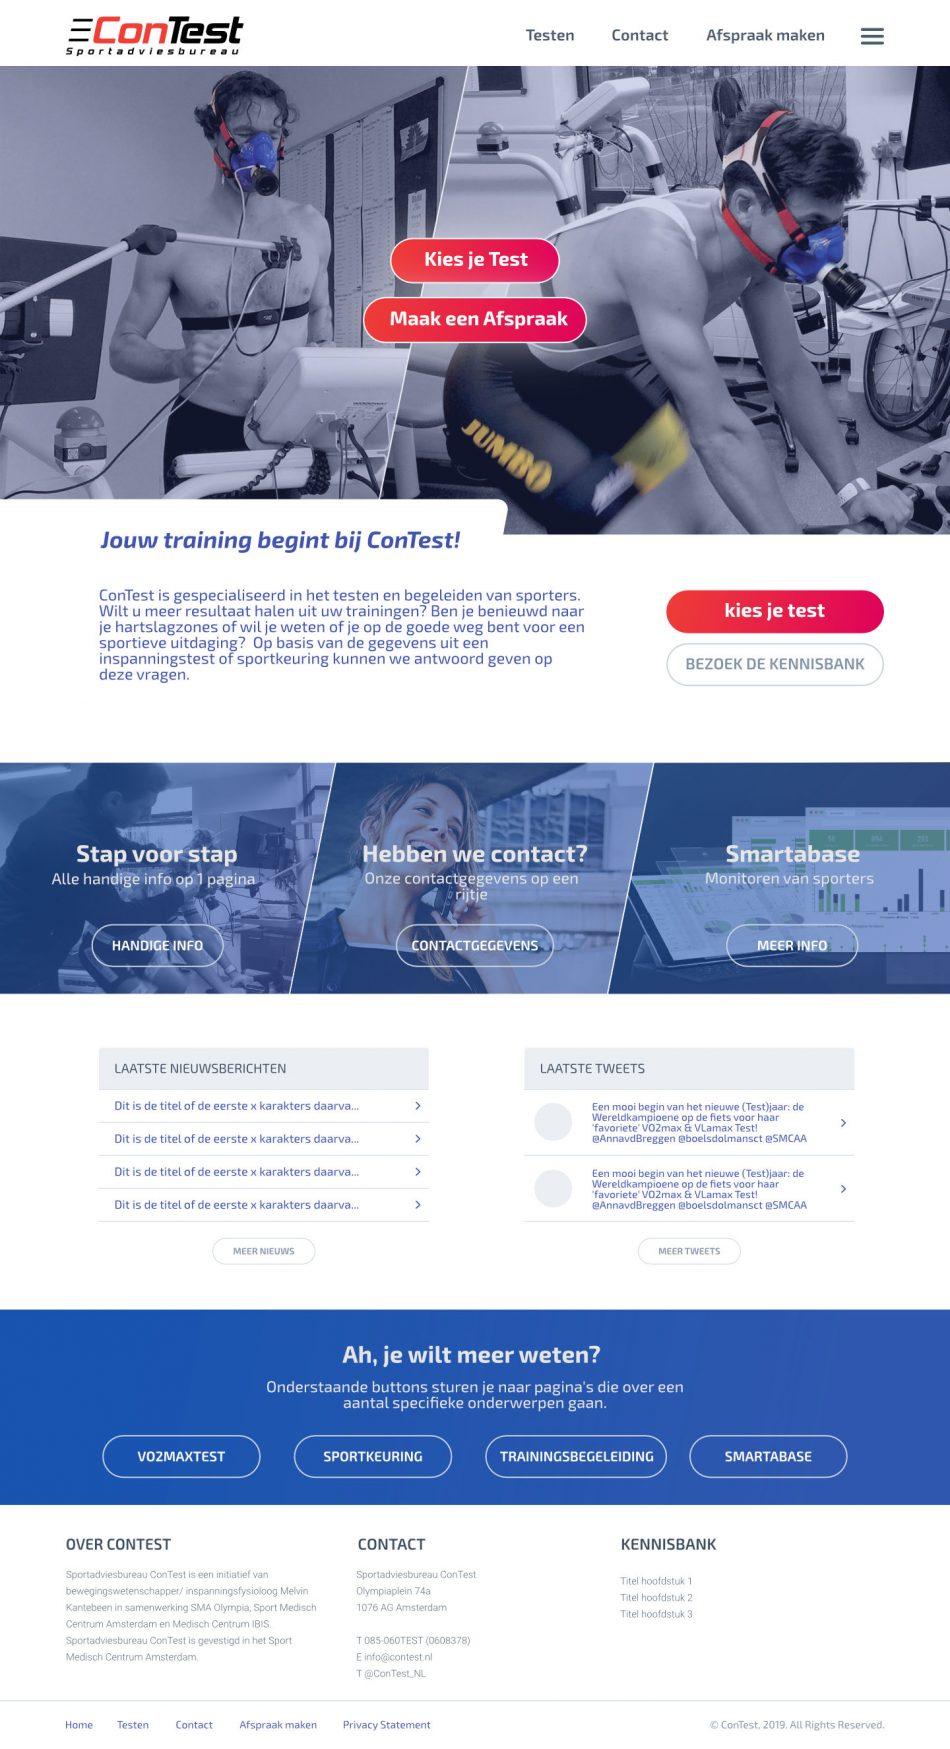 Afbeelding van de nieuwe ConTest website